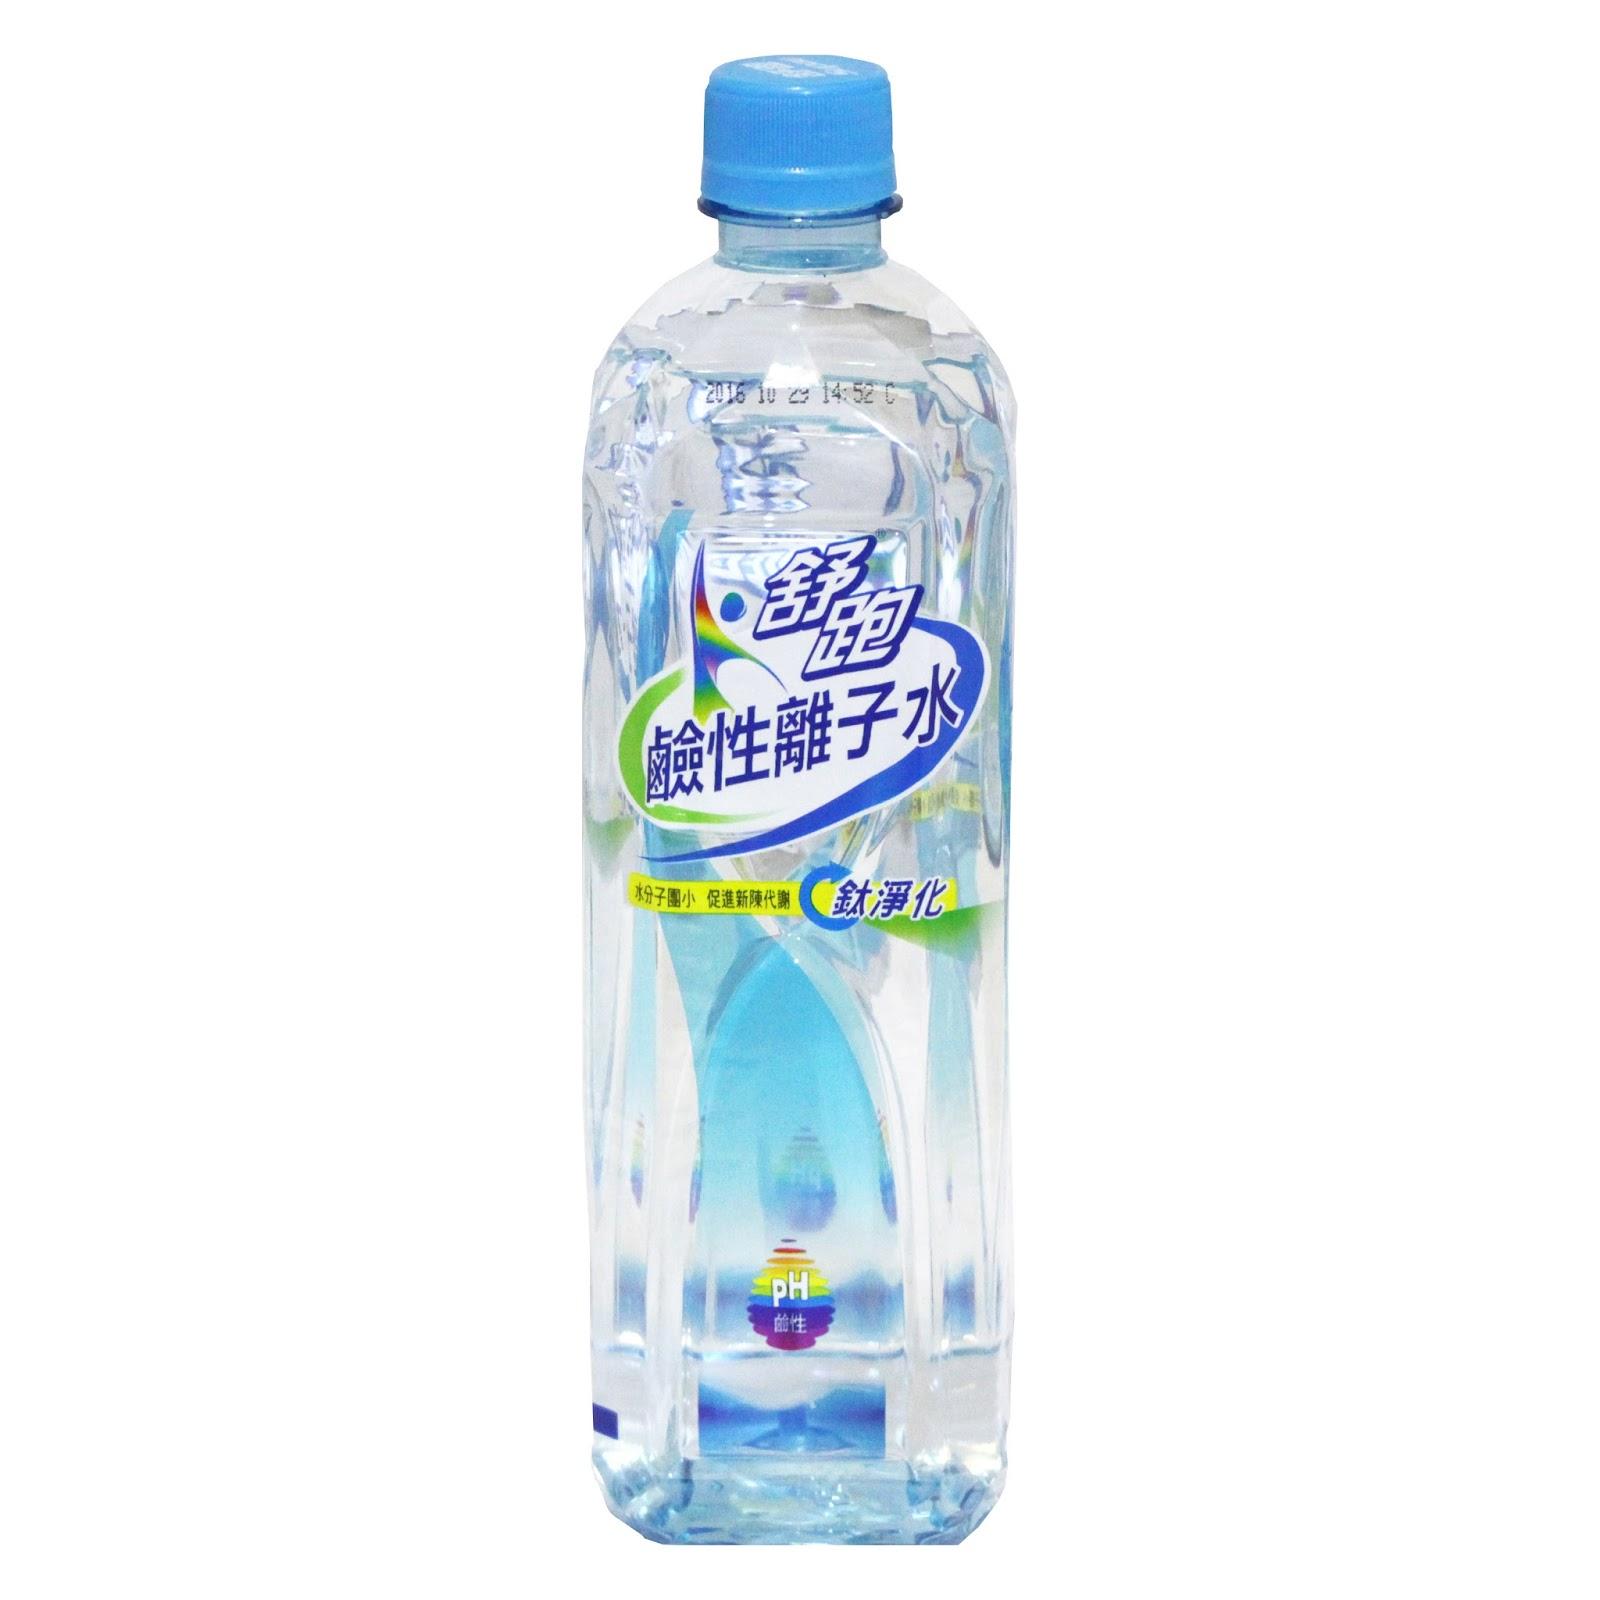 ●舒跑鹼性離子水850ml-單瓶【合迷雅好物商城】